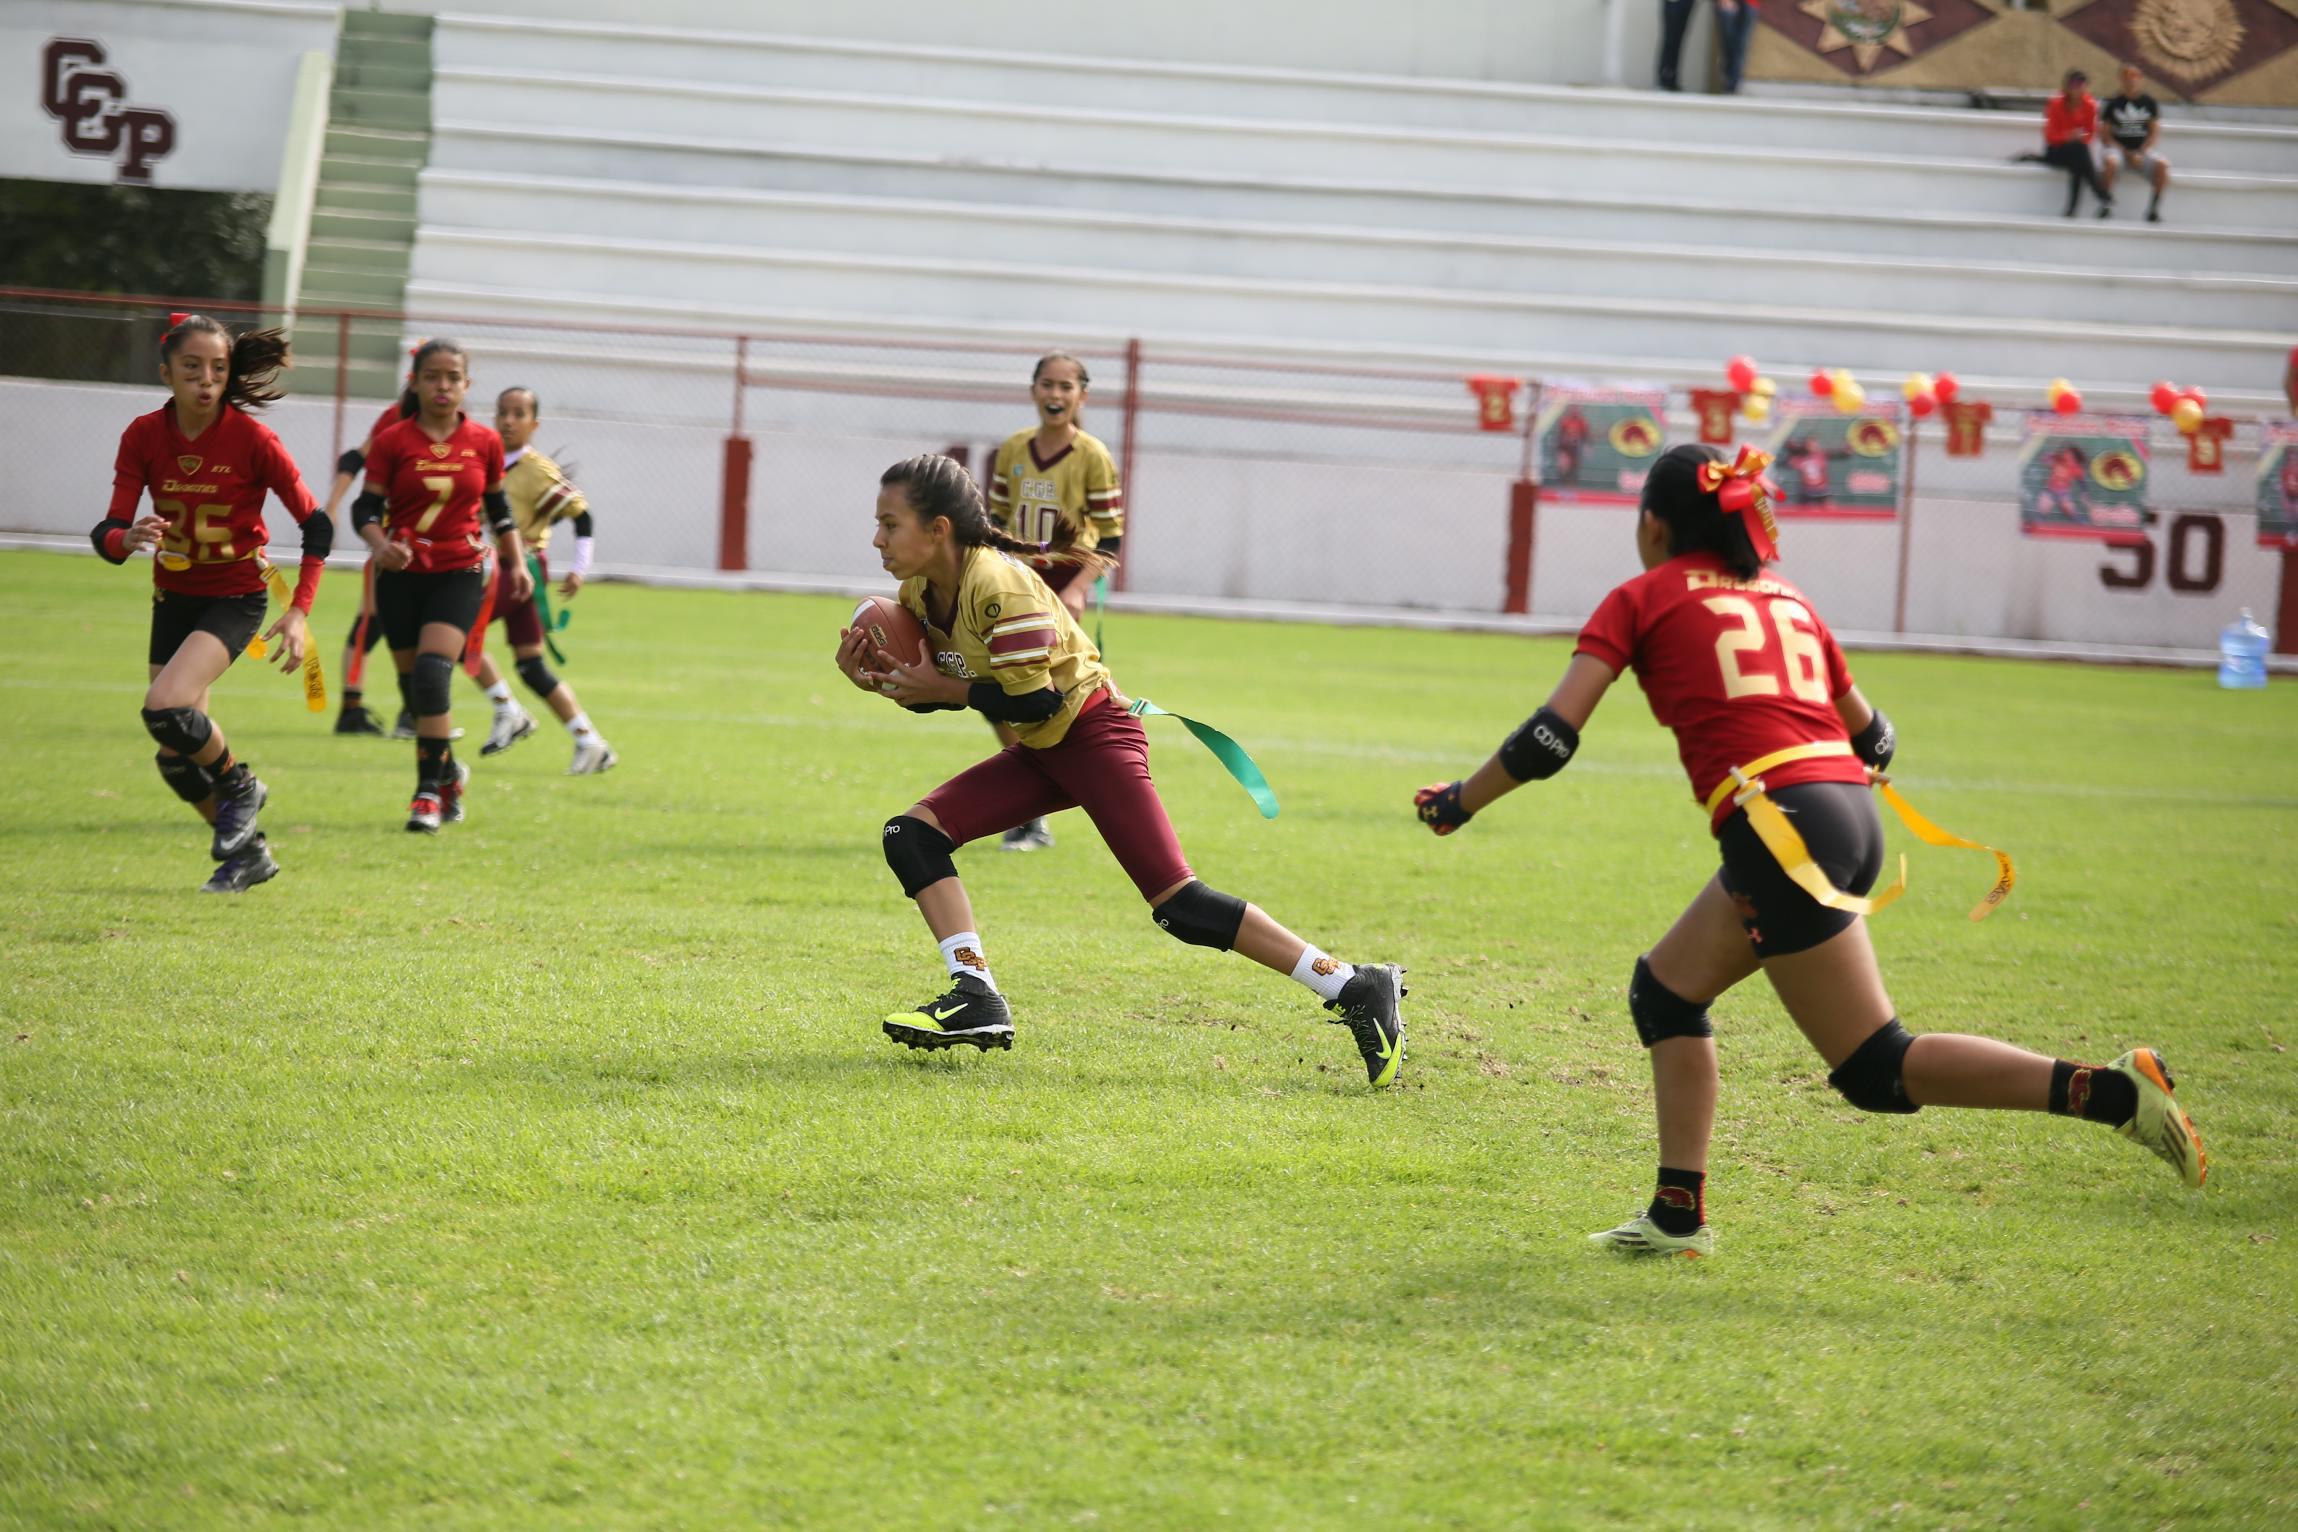 La categoría Femenil Flag Puppies, conformada por niñas estudiantes de nivel básico de edades entre 9 y 12 años, lograron su segundo título al ganar el campeonato de la Temporada Primavera.